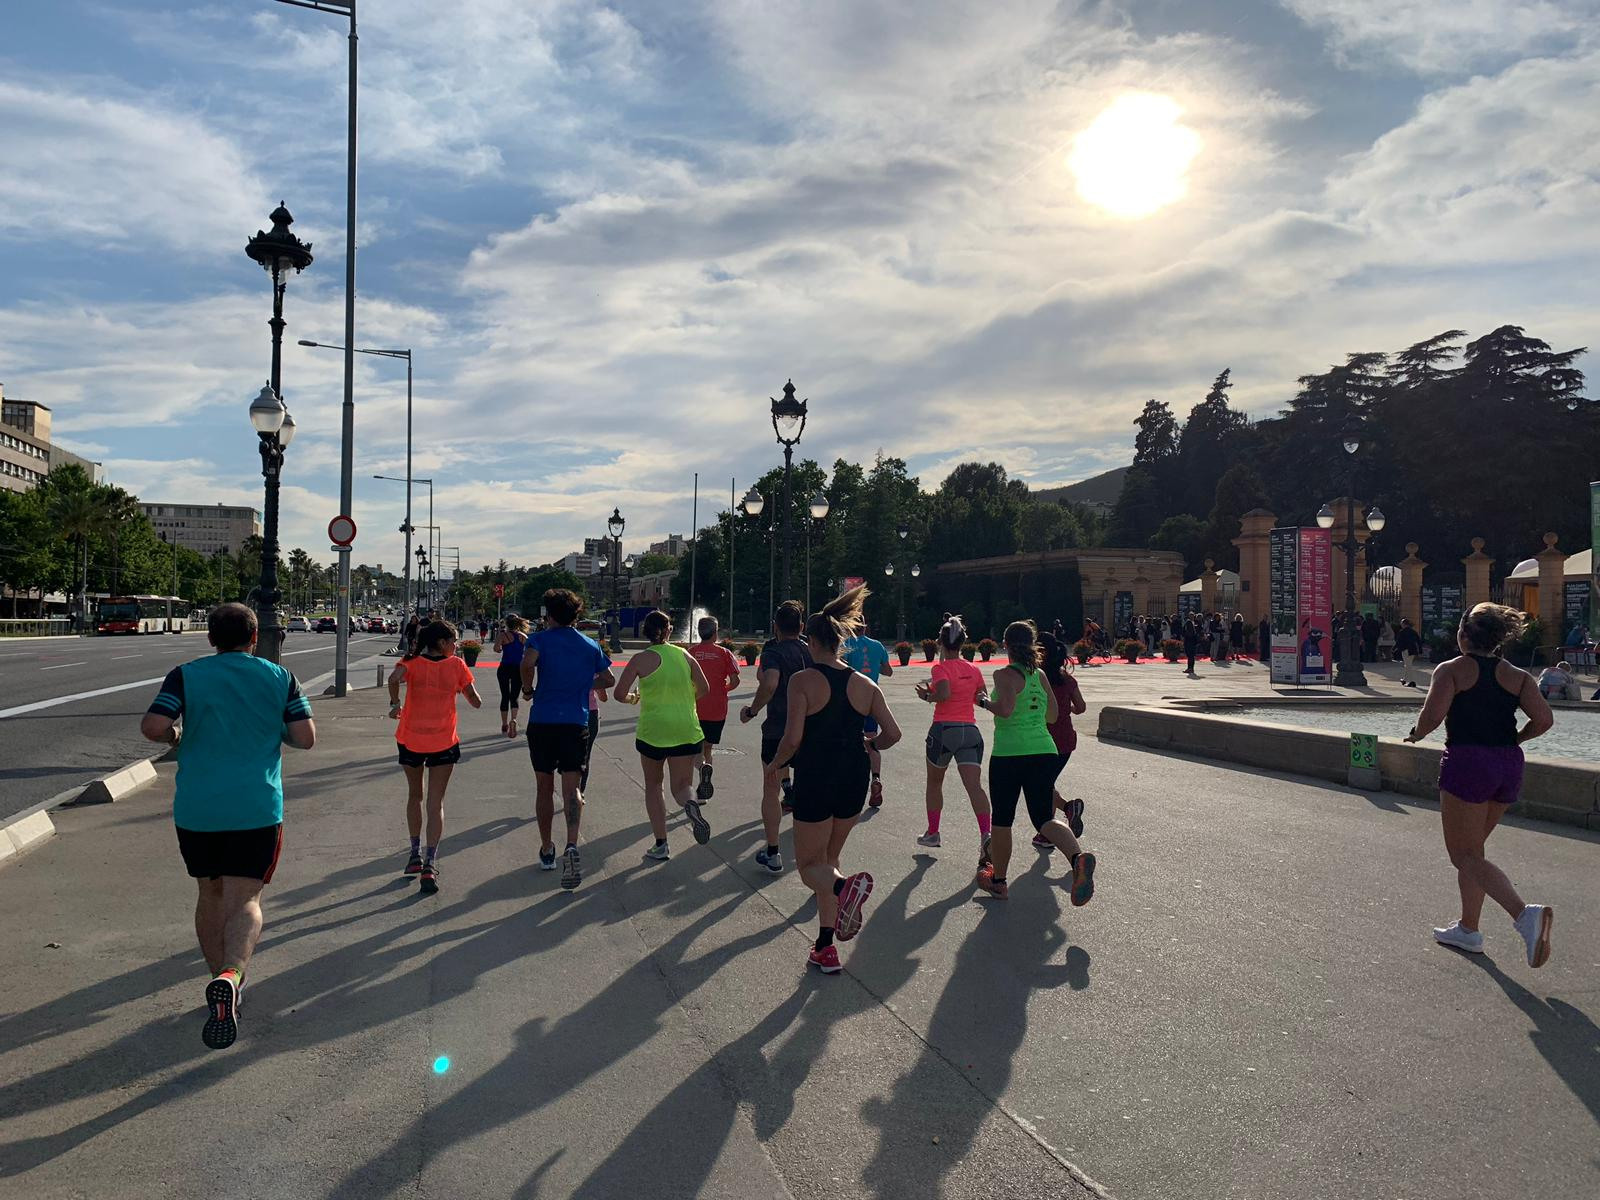 Asics Global Running Day